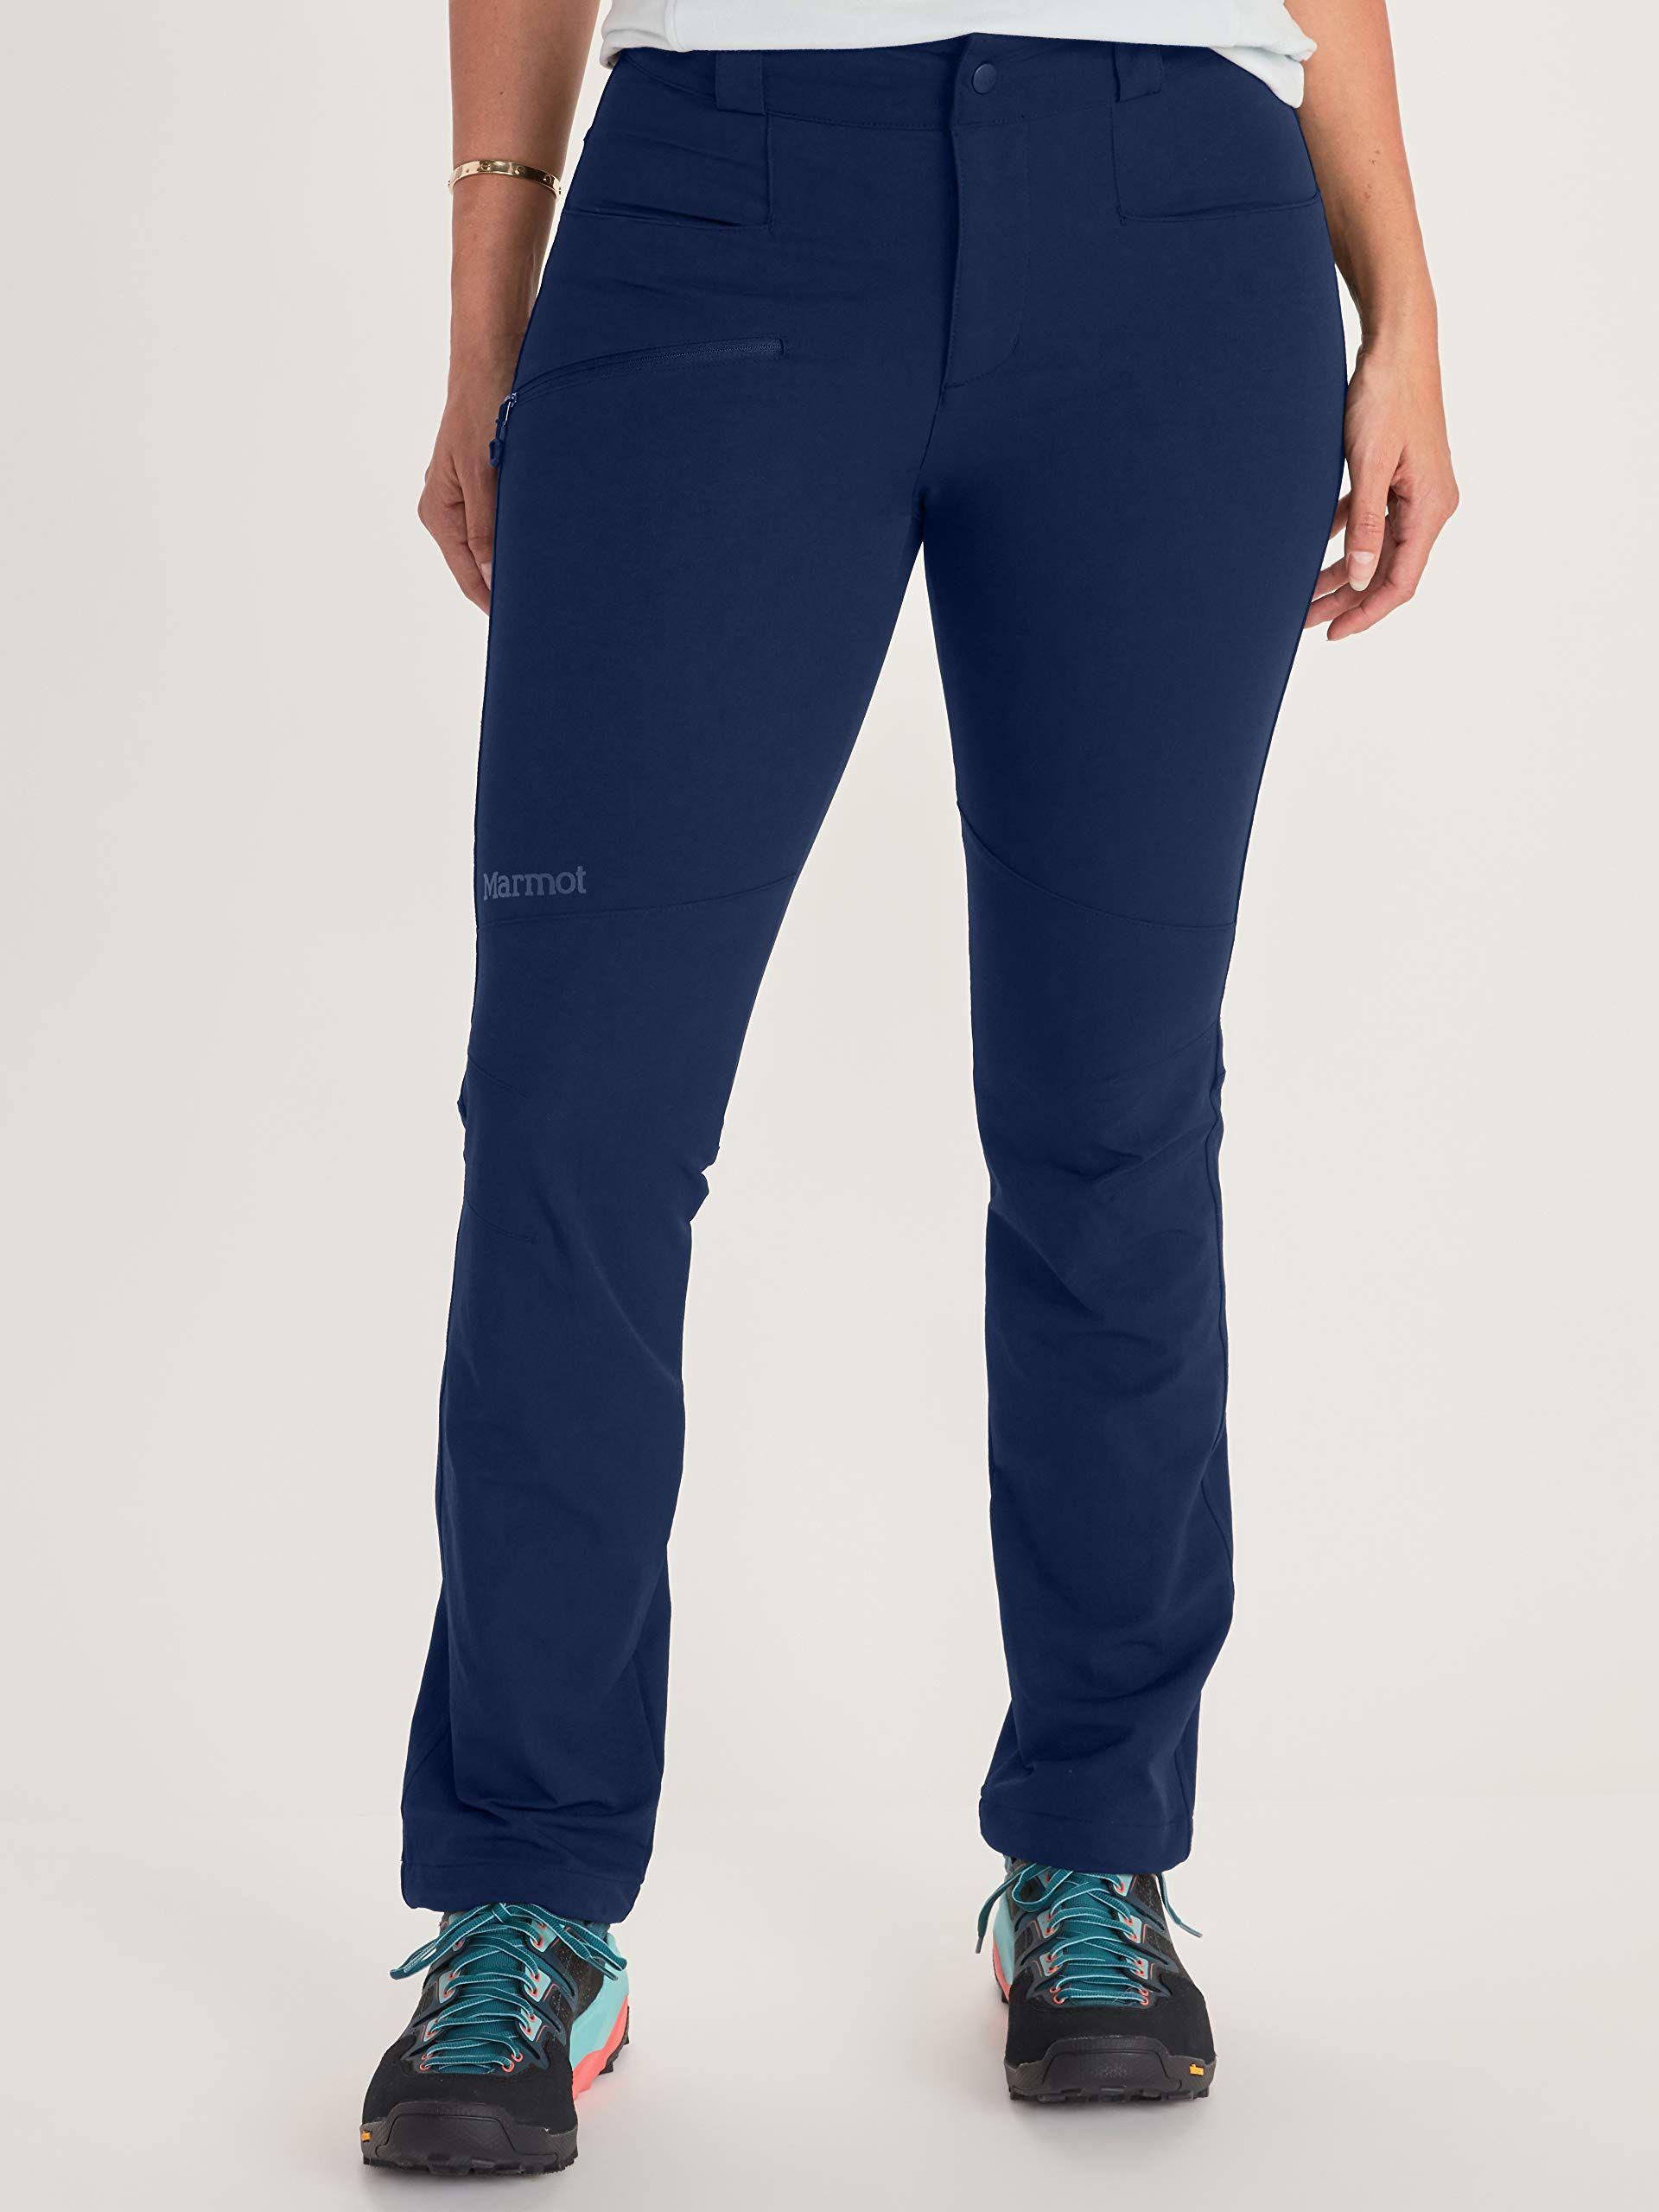 Marmot Damskie spodnie trekkingowe, softshell, spodnie funkcyjne, odporne na działanie wody niebieski granatowy (Arctic Navy) 06